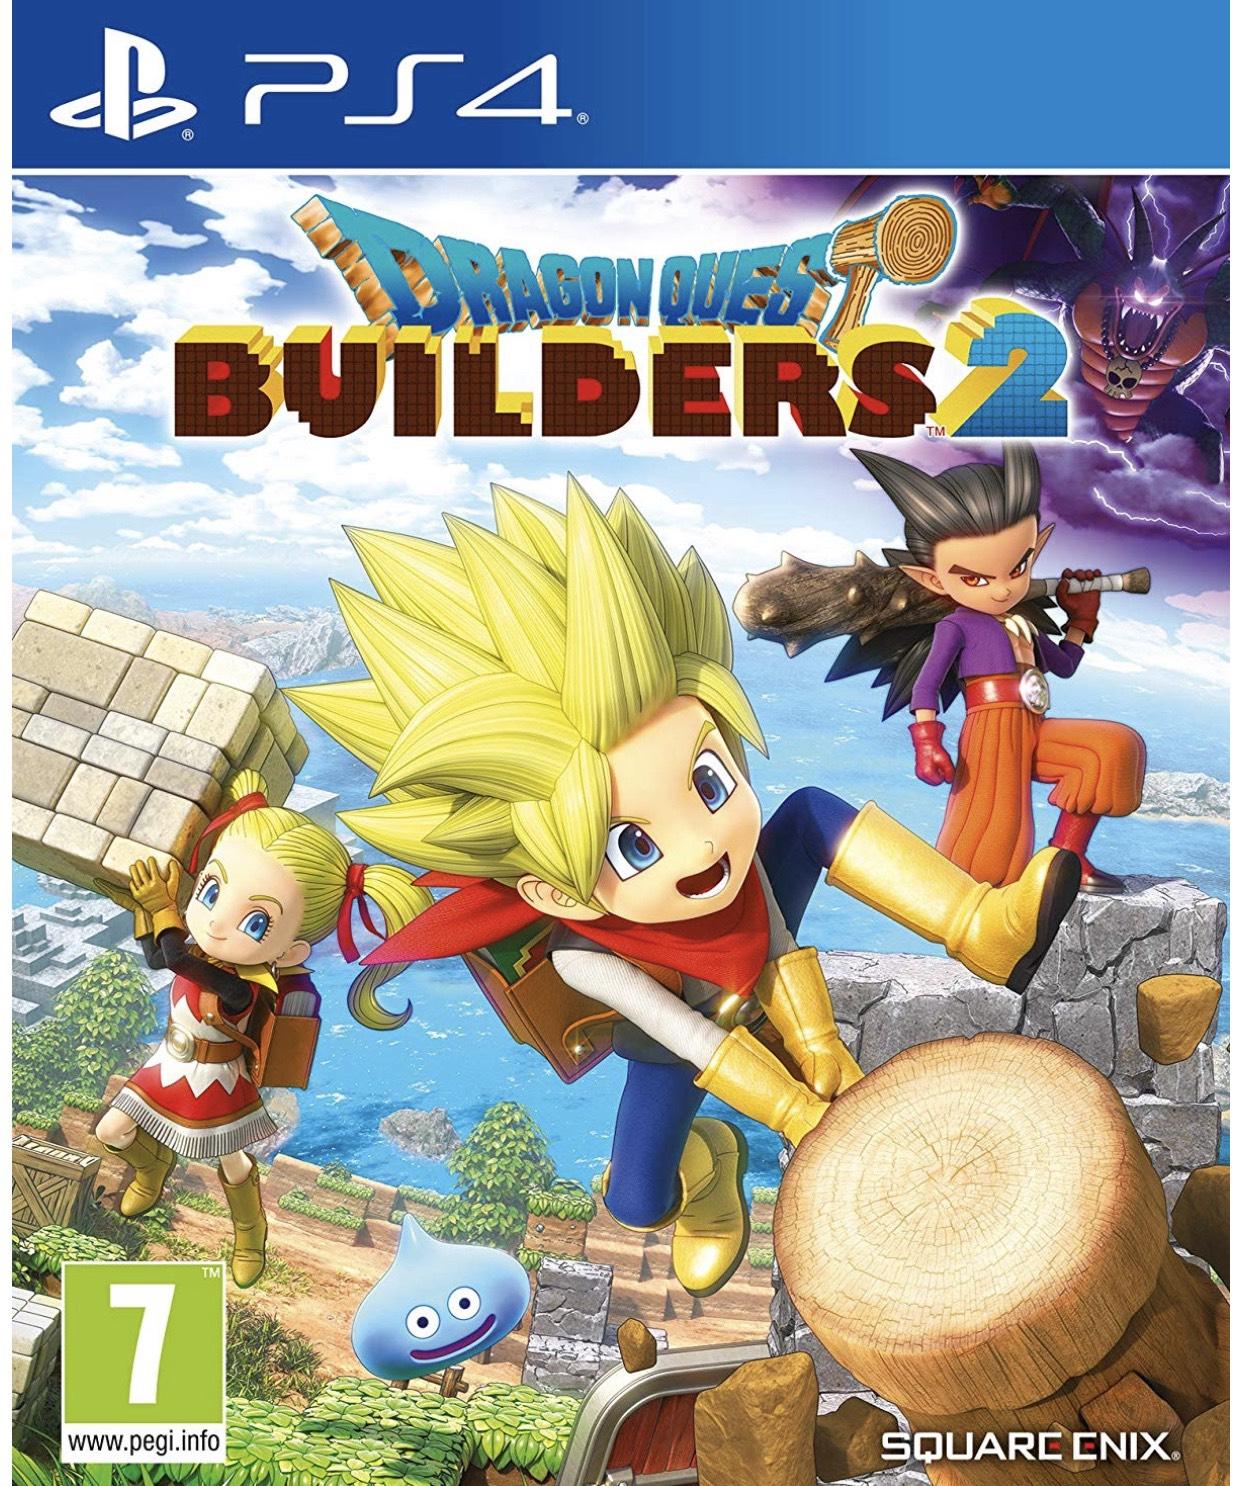 Dragon Quest Builders 2 (PS4) - £34.85 @ boss deals via eBay